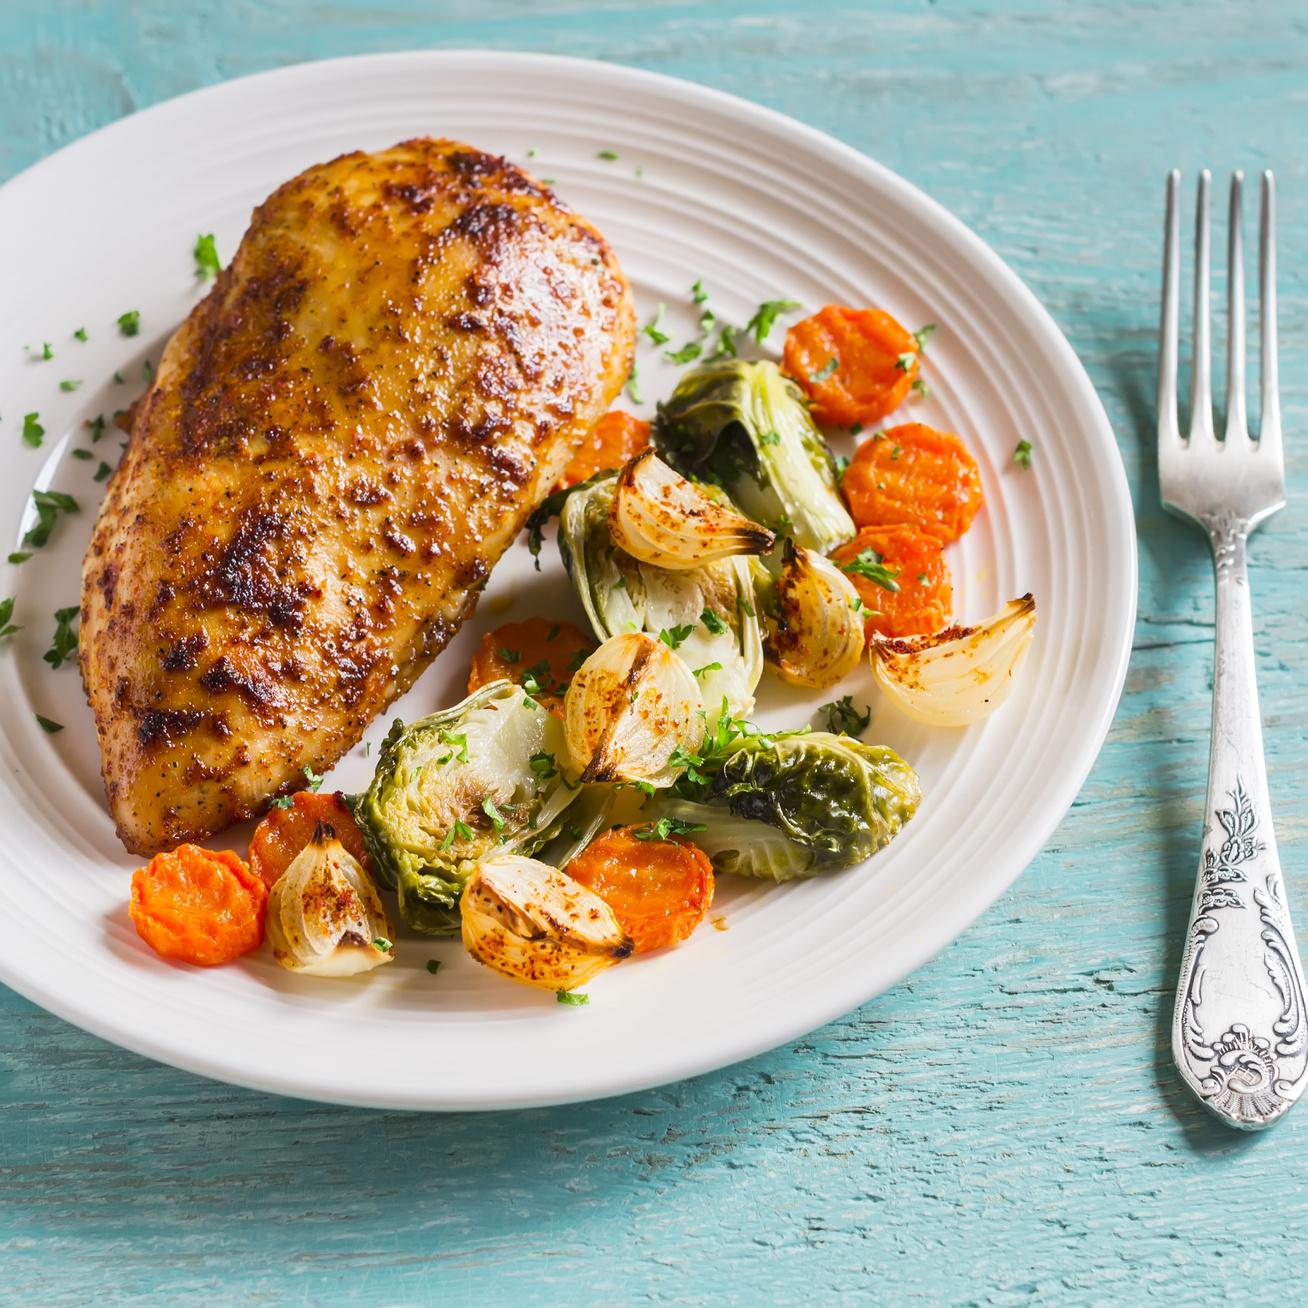 csirkemell-zoldsegkorettel